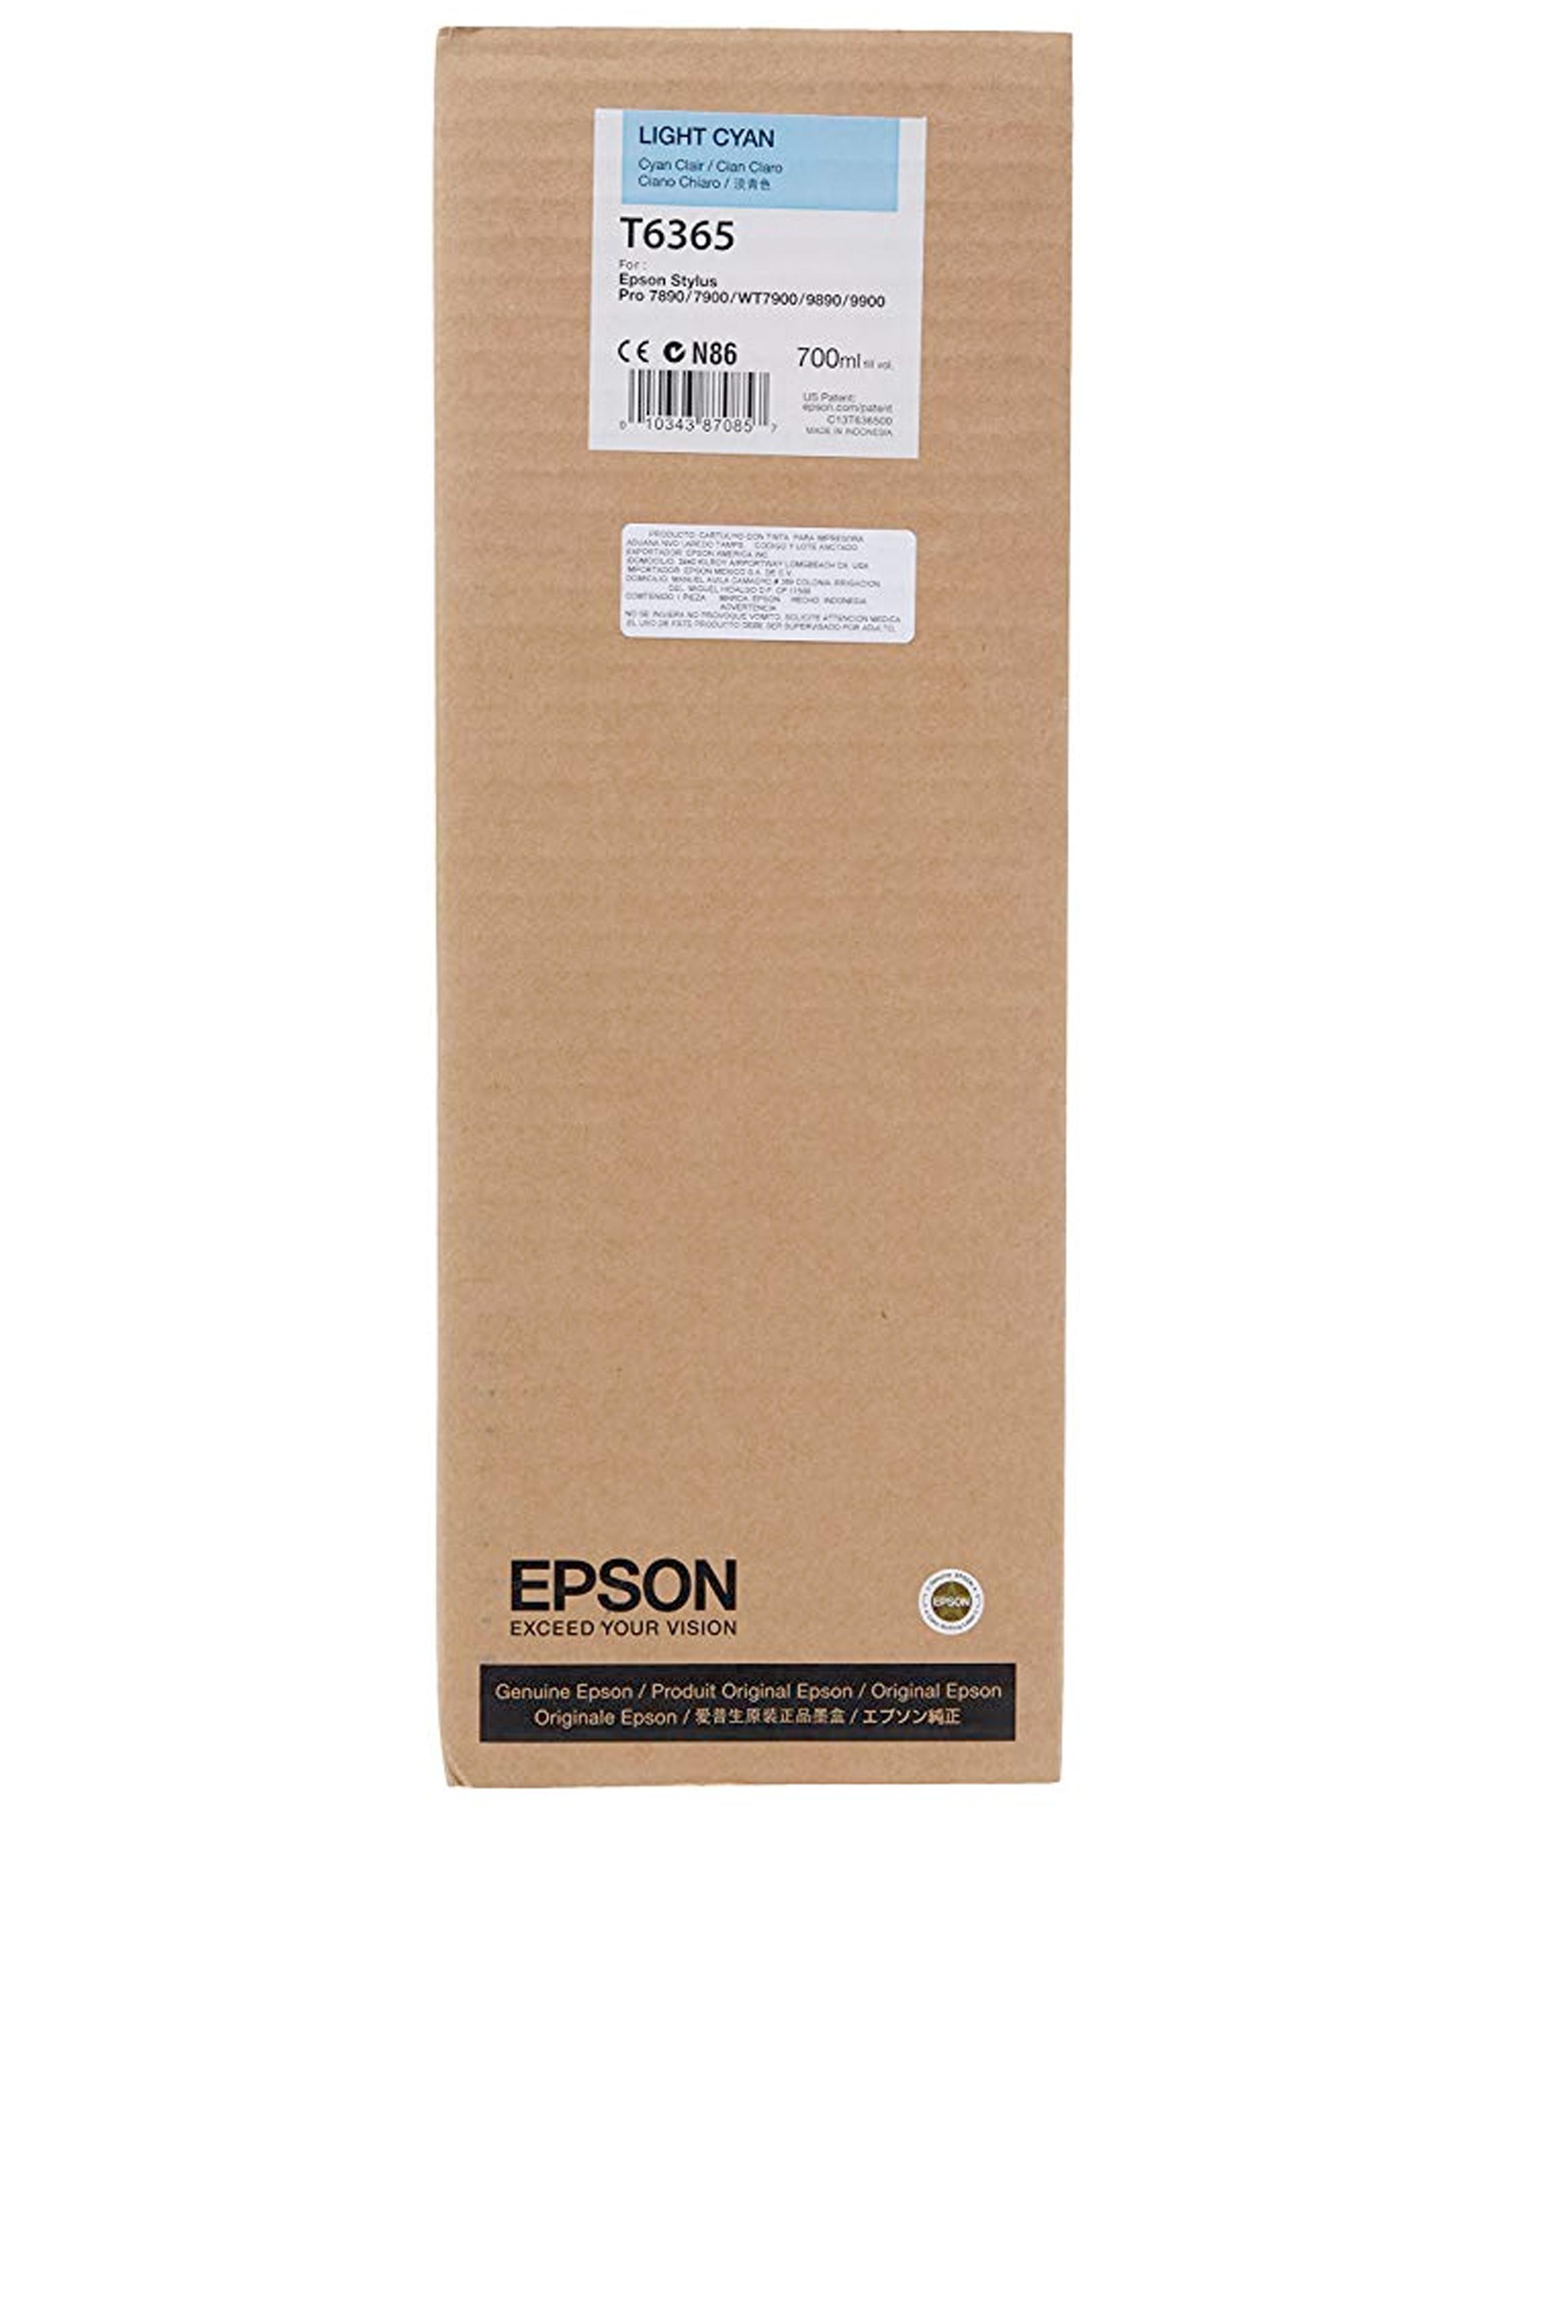 Epson EPSON HI LT CYAN INK (700 ML) (T636500)